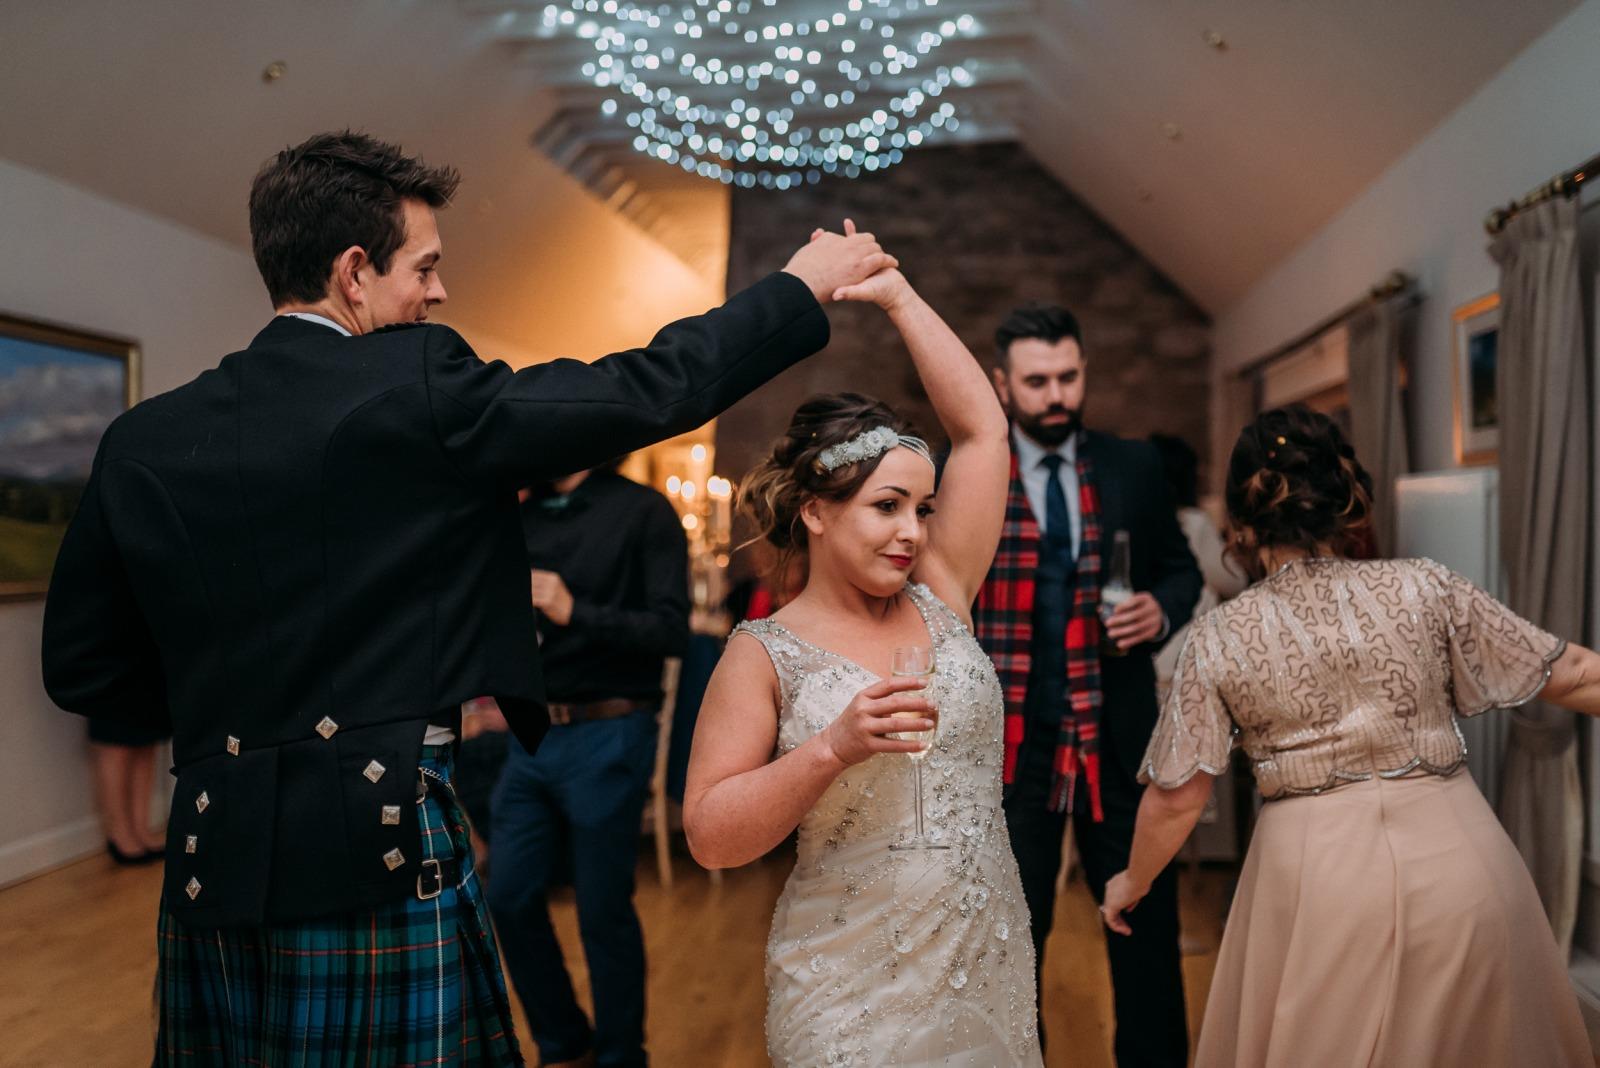 highward-house-wedding-577-of-372